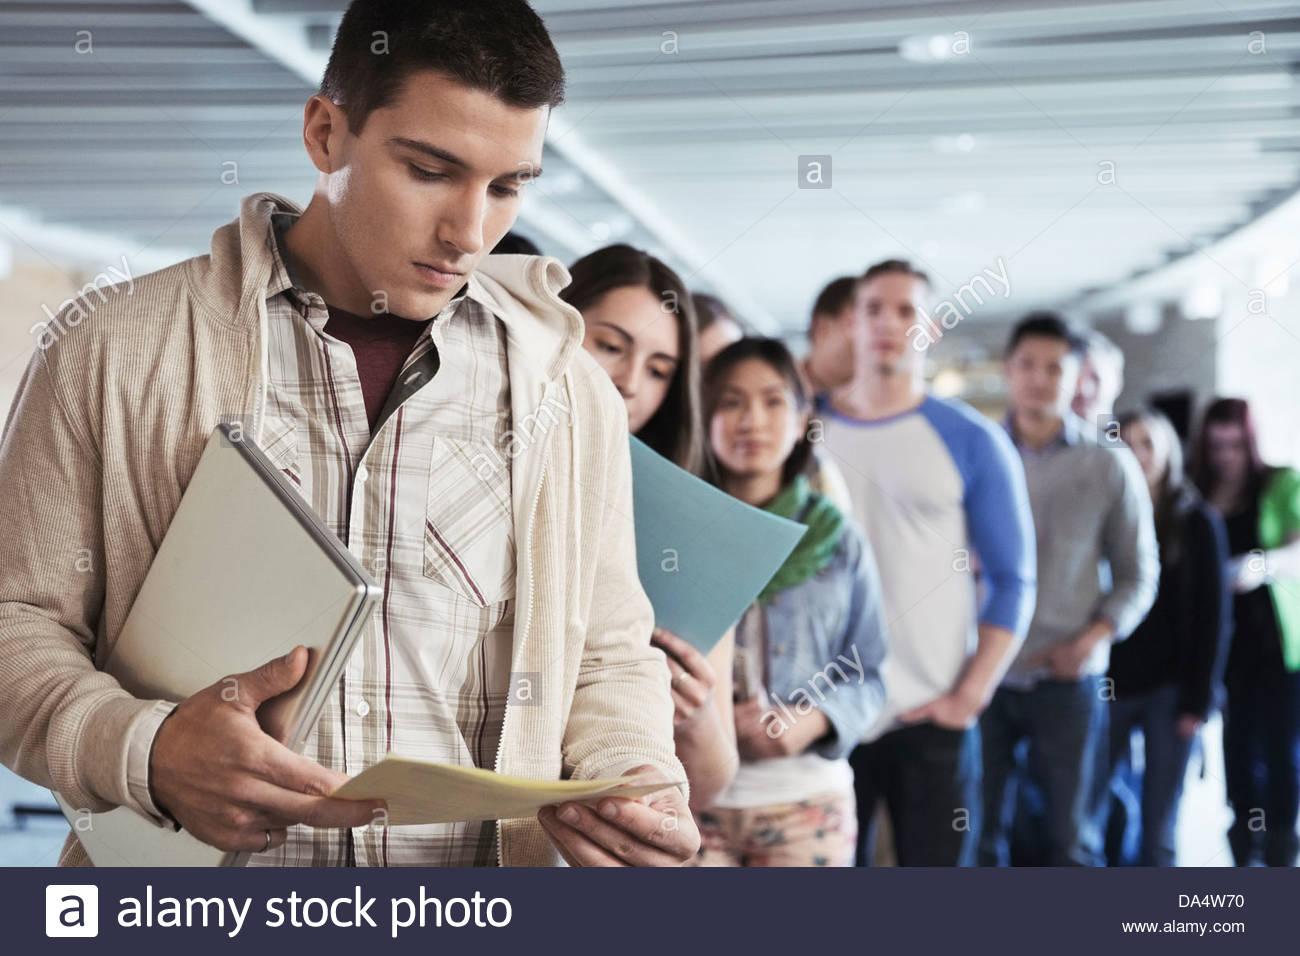 Große Gruppe von Studenten am College Campus anstehen Stockbild